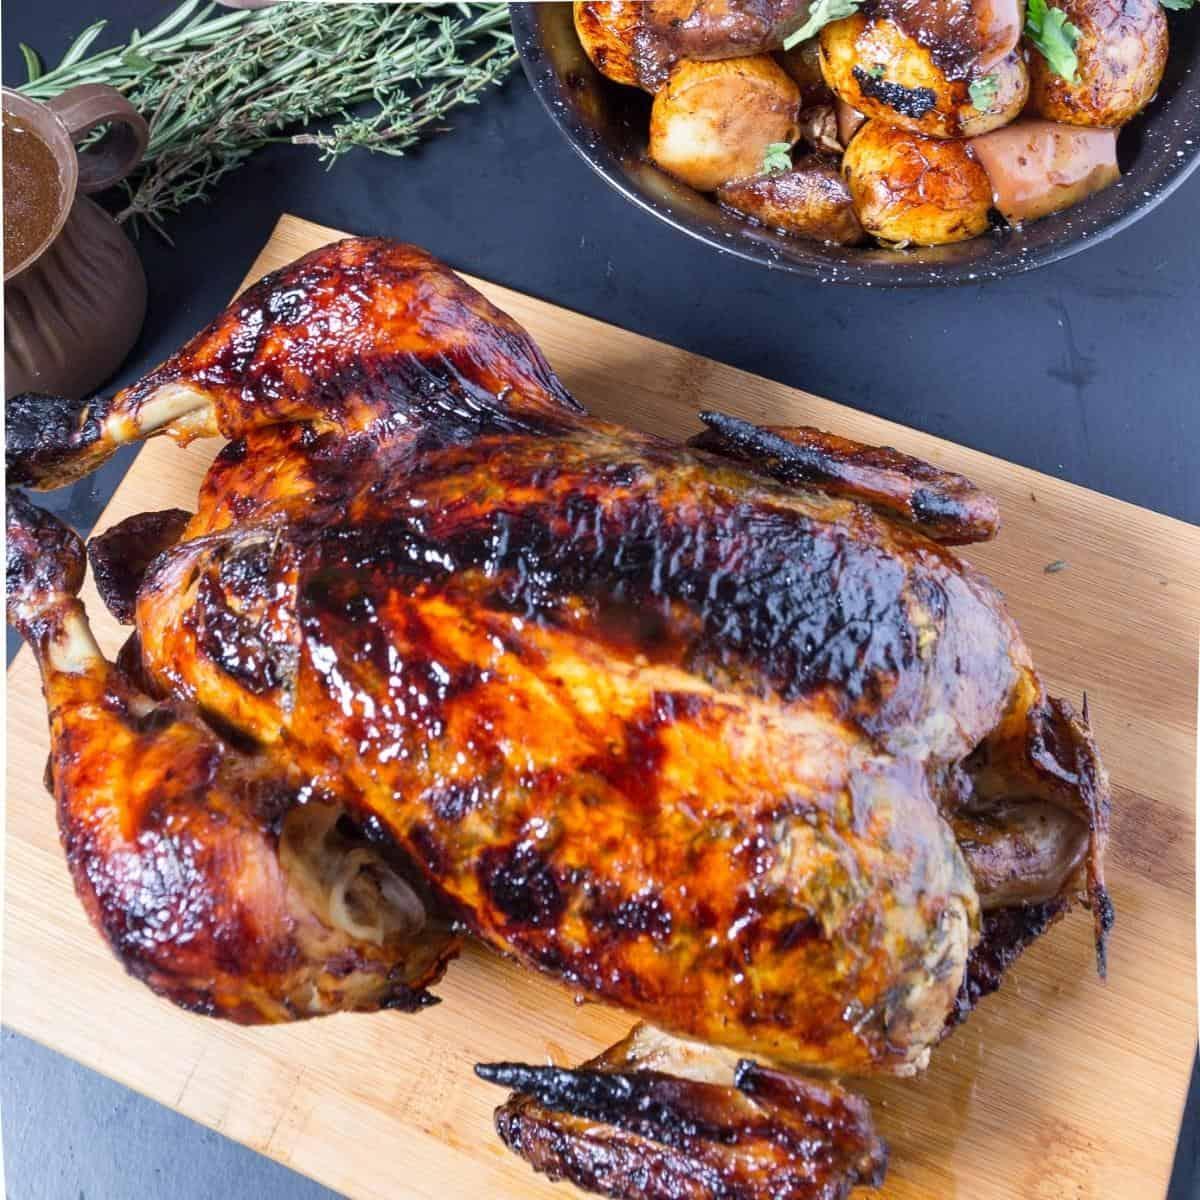 A roast chicken on a wooden board